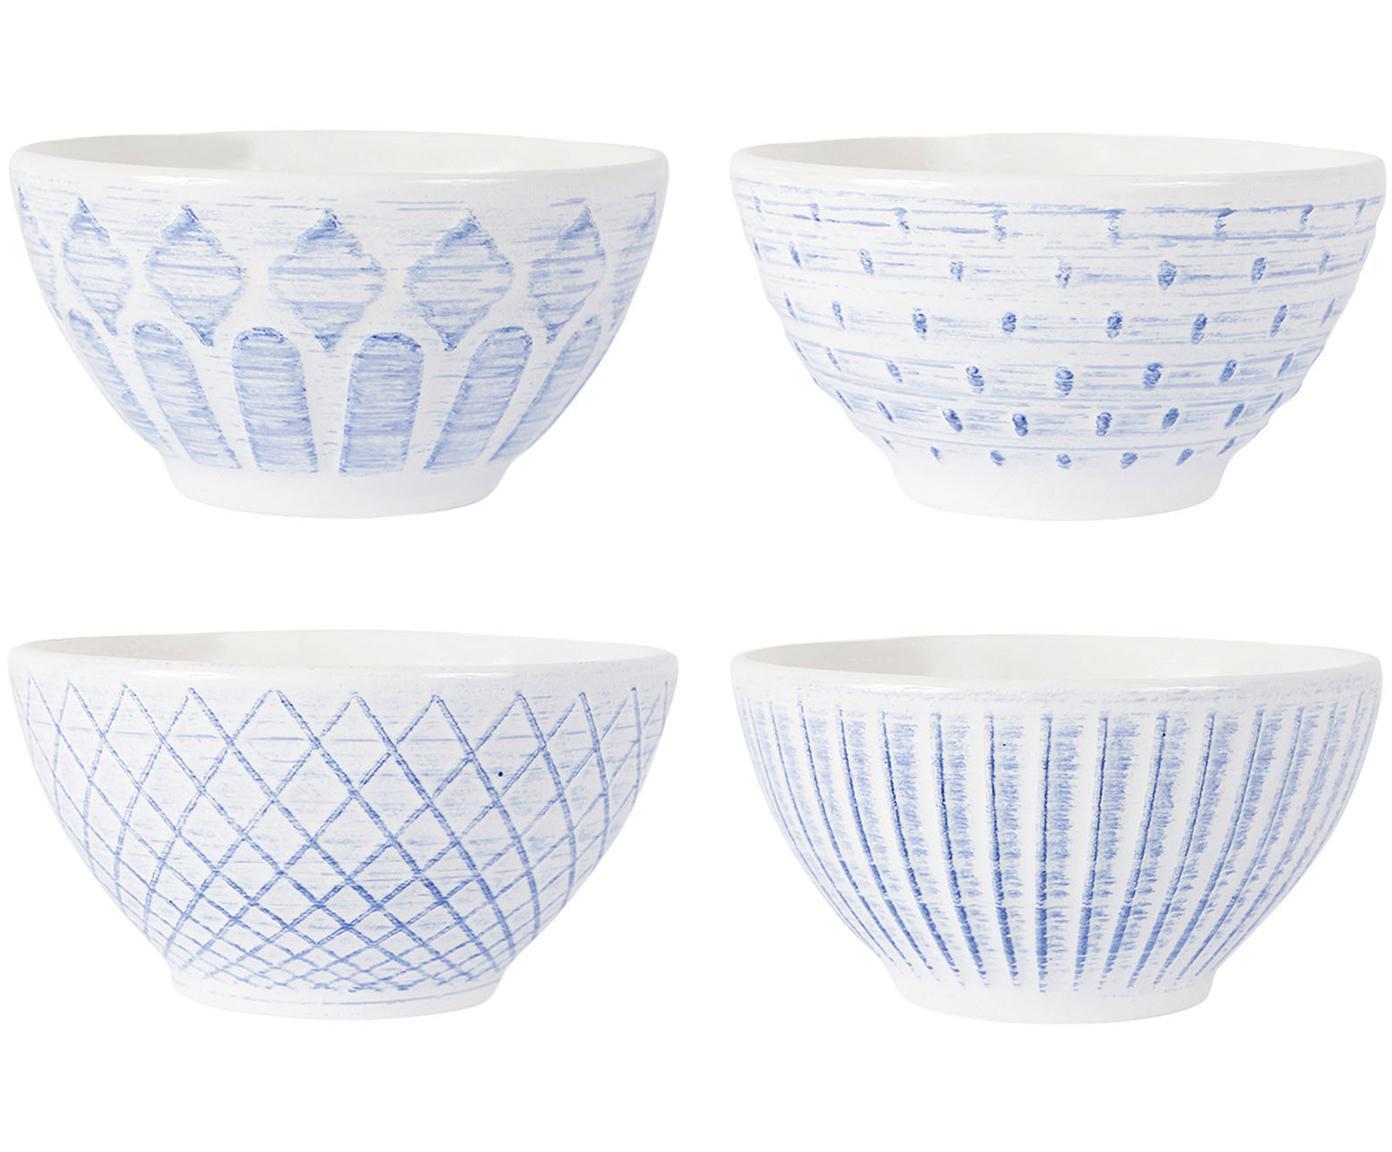 Steingut-Schälchen Tartine in Weiß/Blau, 4 Stück, Steingut, Blau, Weiß, Ø 20 x H 17 cm